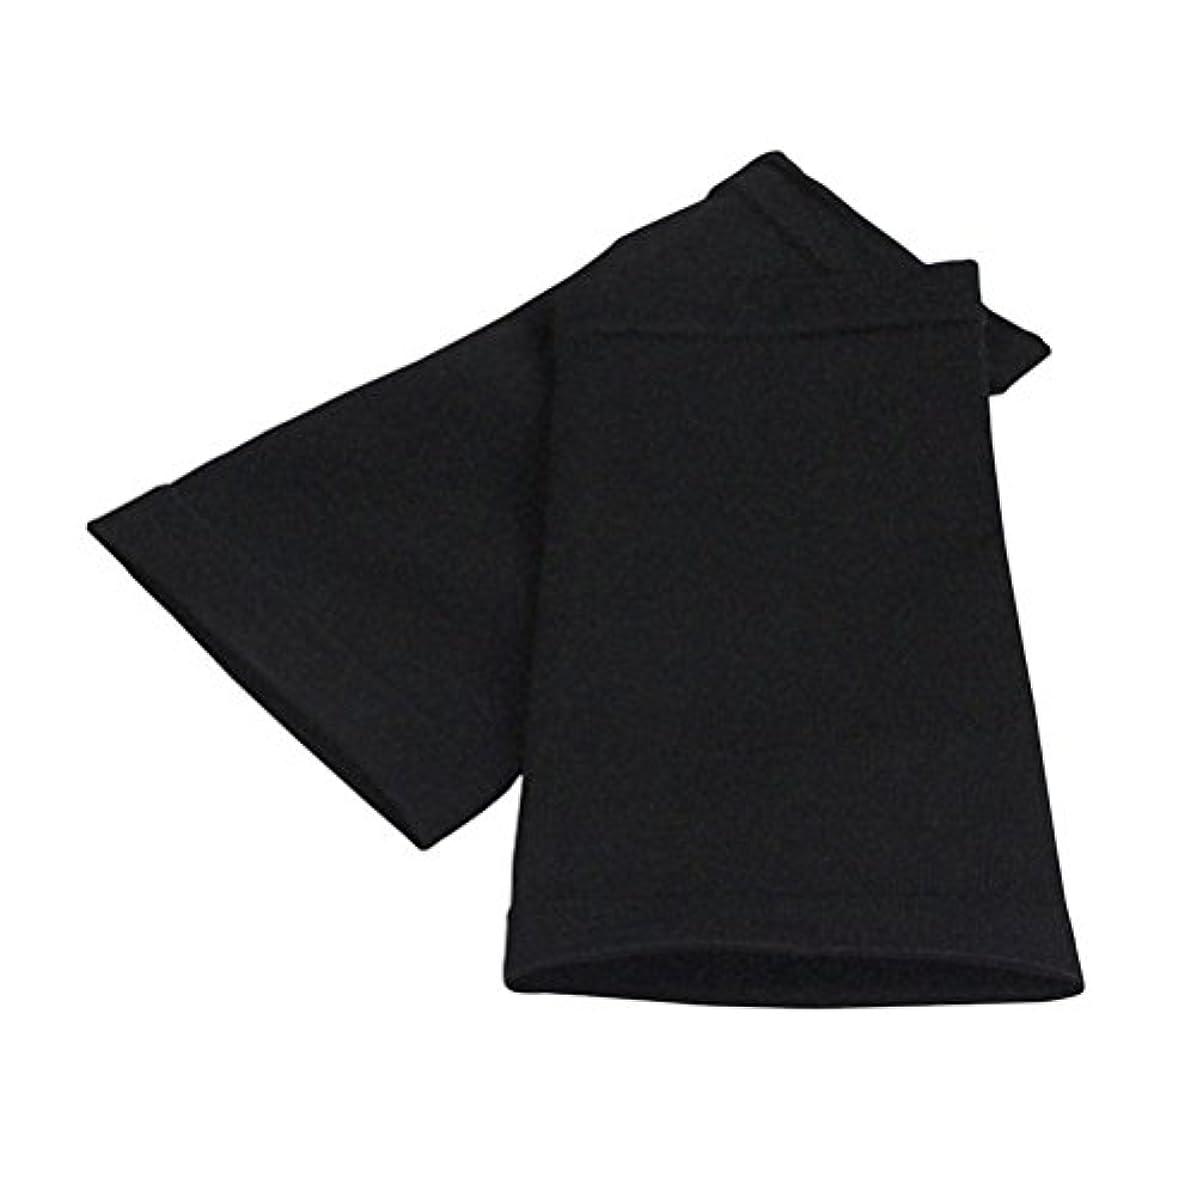 ROSENICE アームスリーブ スポーツフィットネス用シェイパースリーブプロテクティブアッパーアームシェイパースリーブの改良(黒)